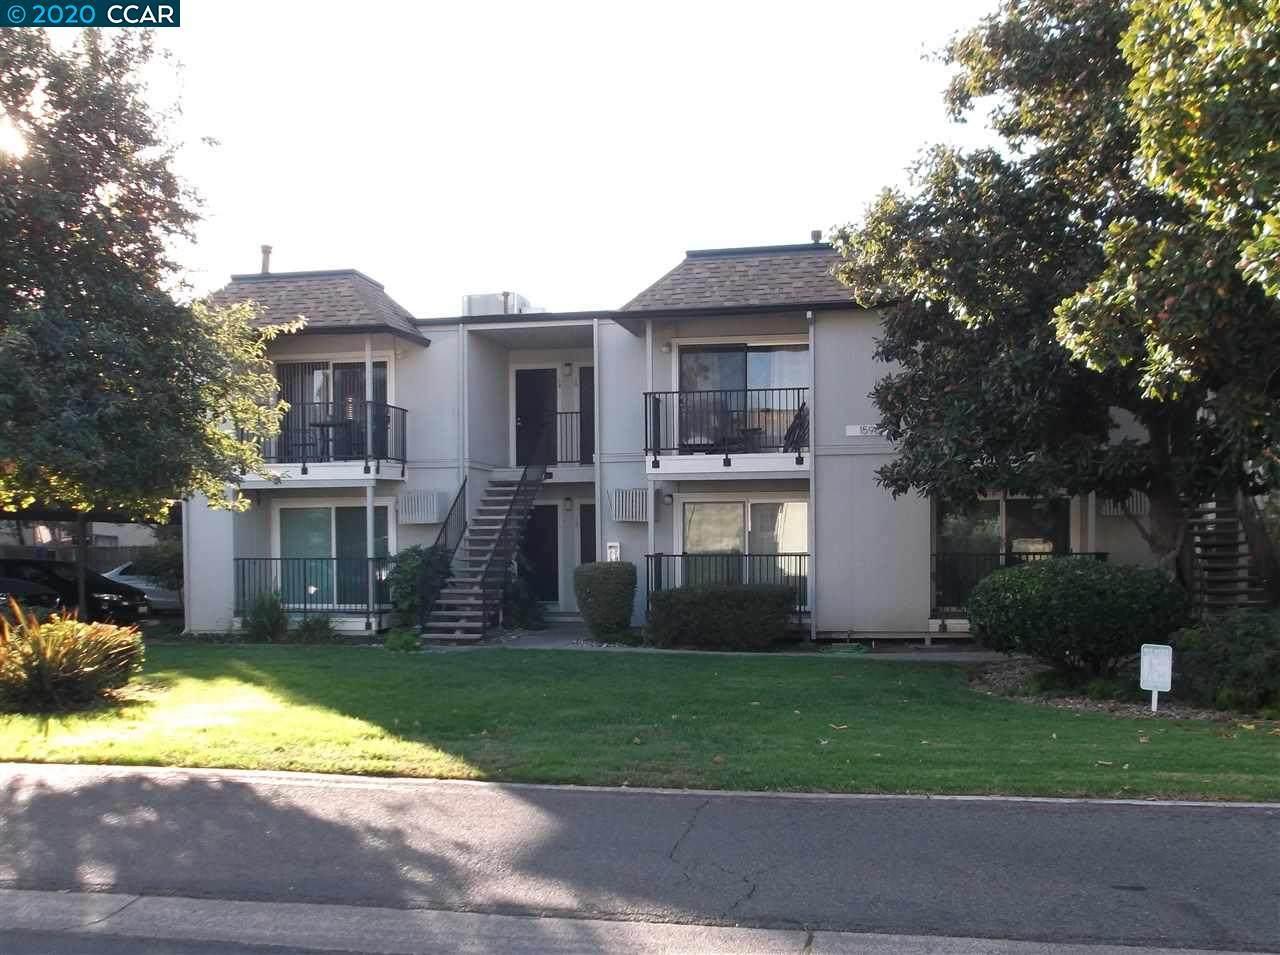 1590 Sunnyvale Ave - Photo 1